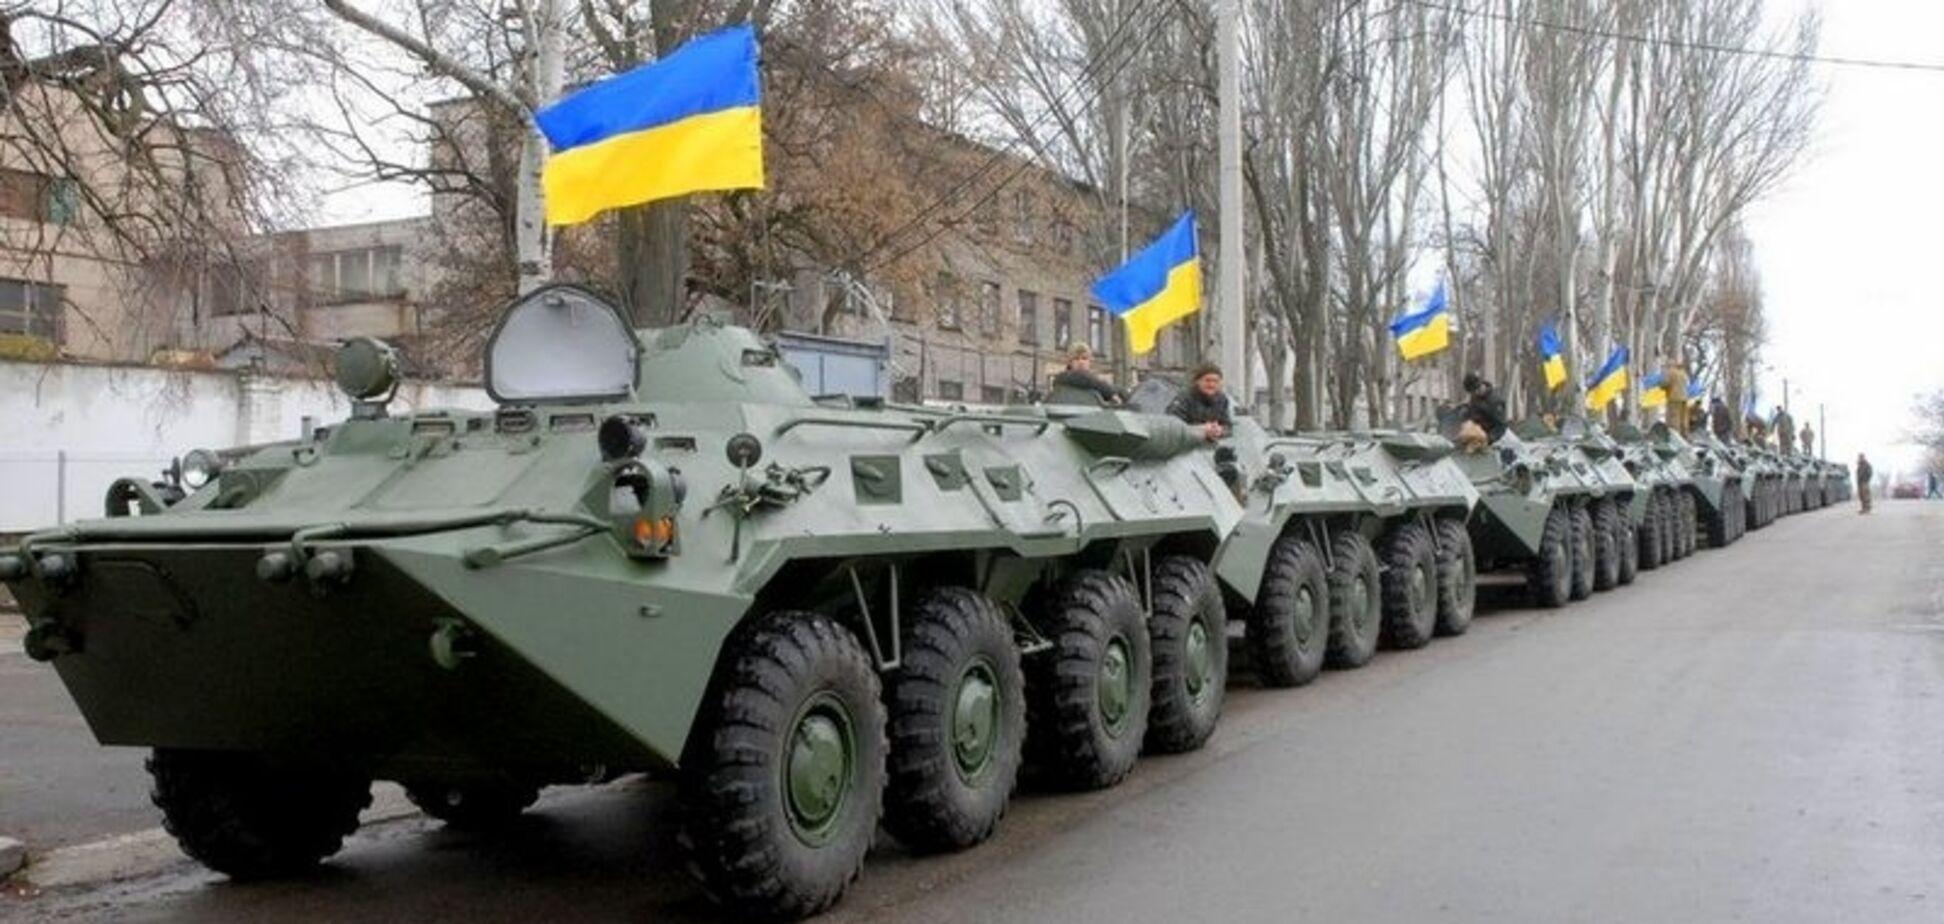 'Может, просто хвастаются': вокруг боевой техники Украины разгорелся скандал